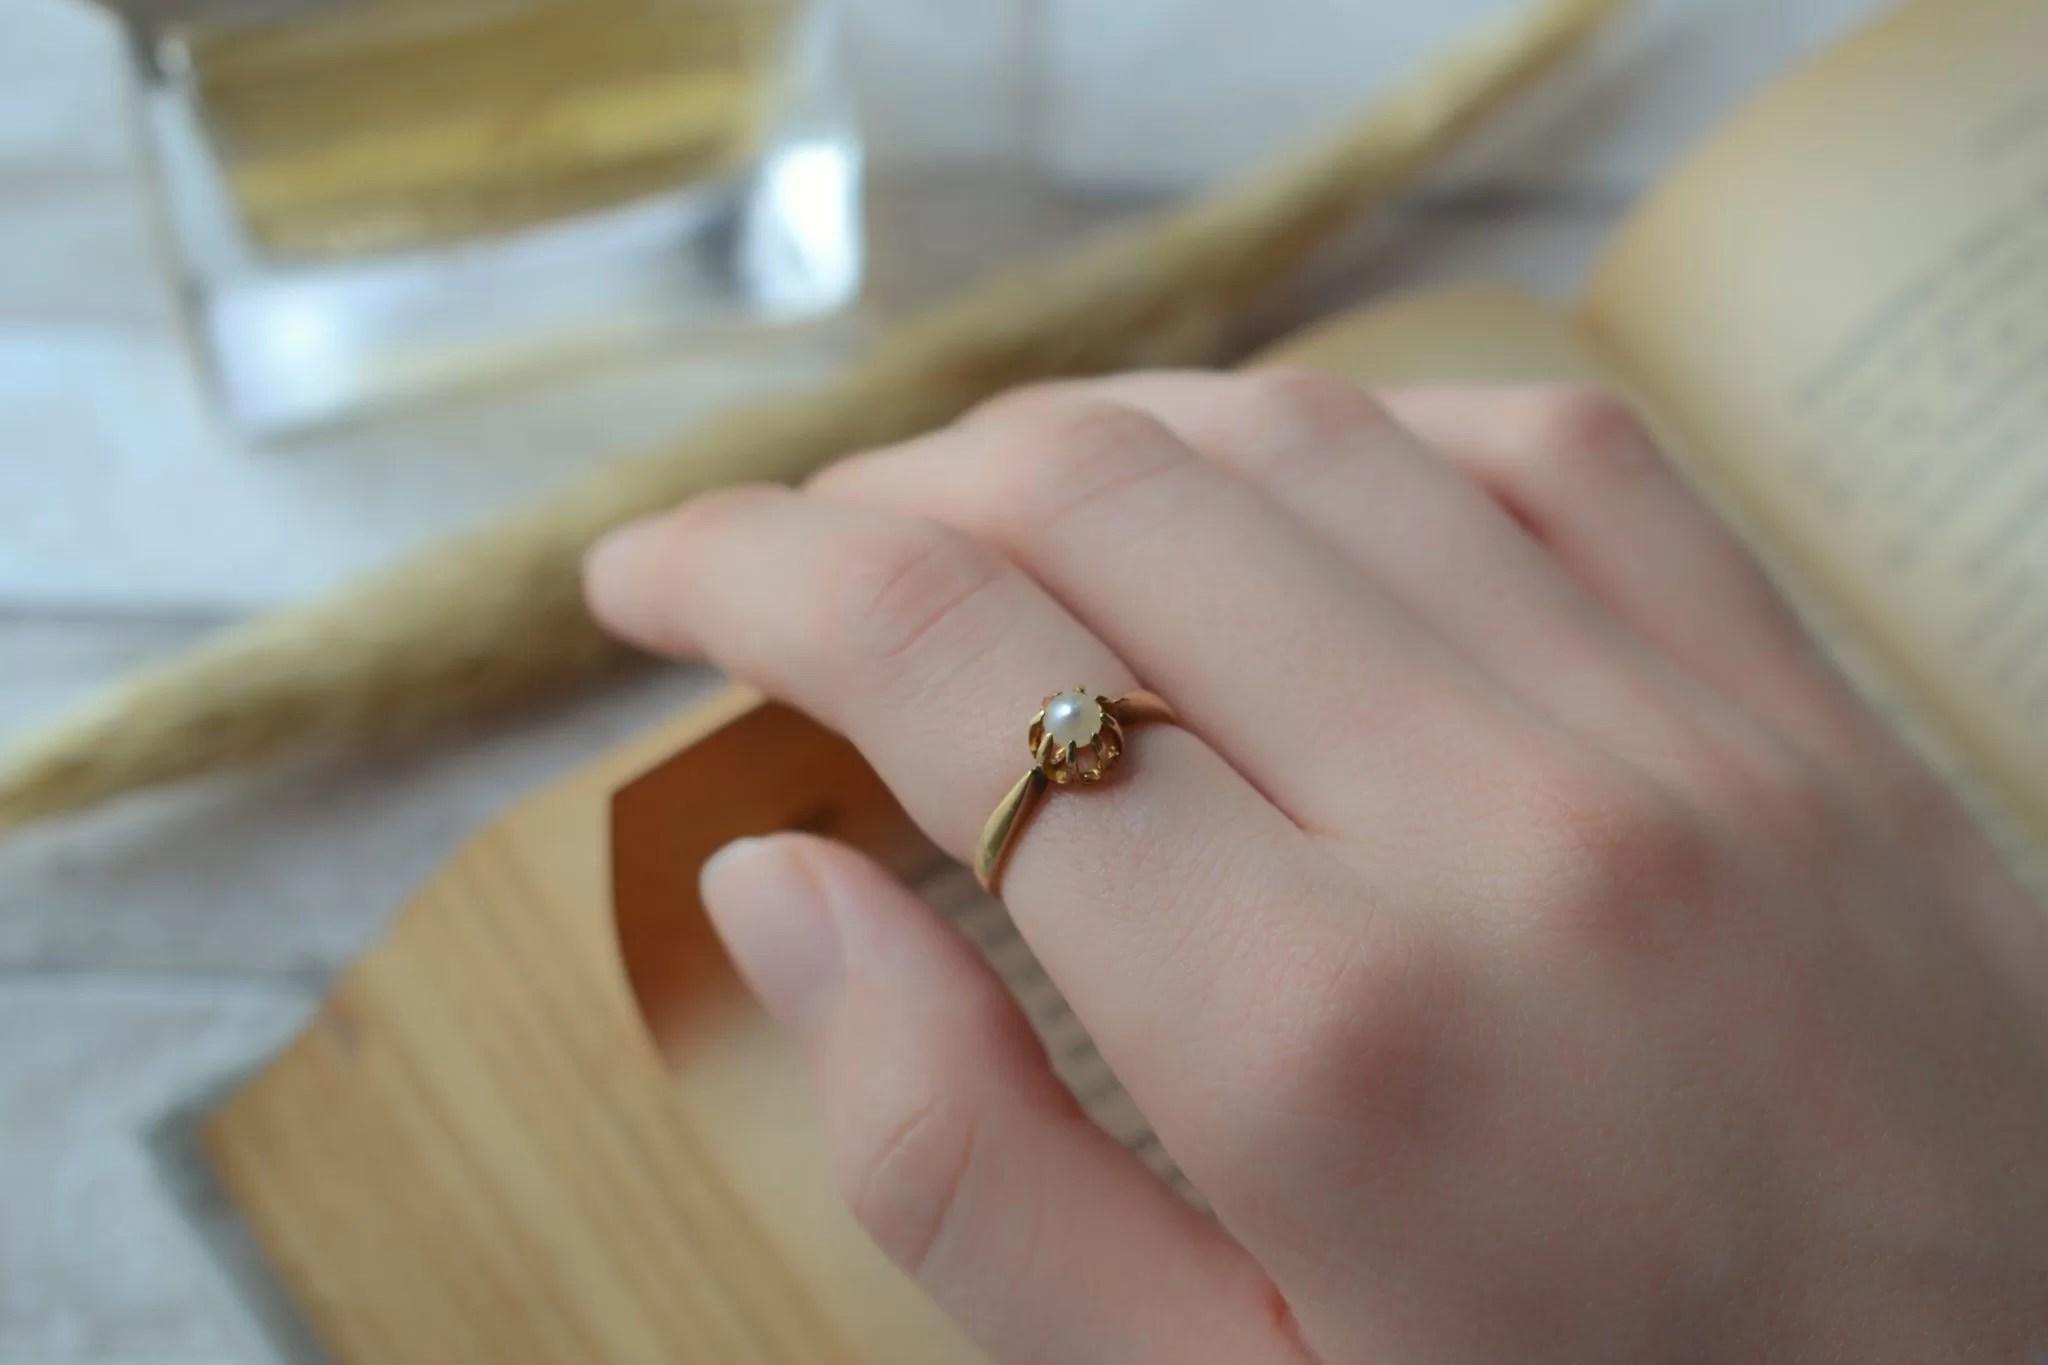 Bague Solitaire en Or jaune griffée d_une perle blanche - bague éthique